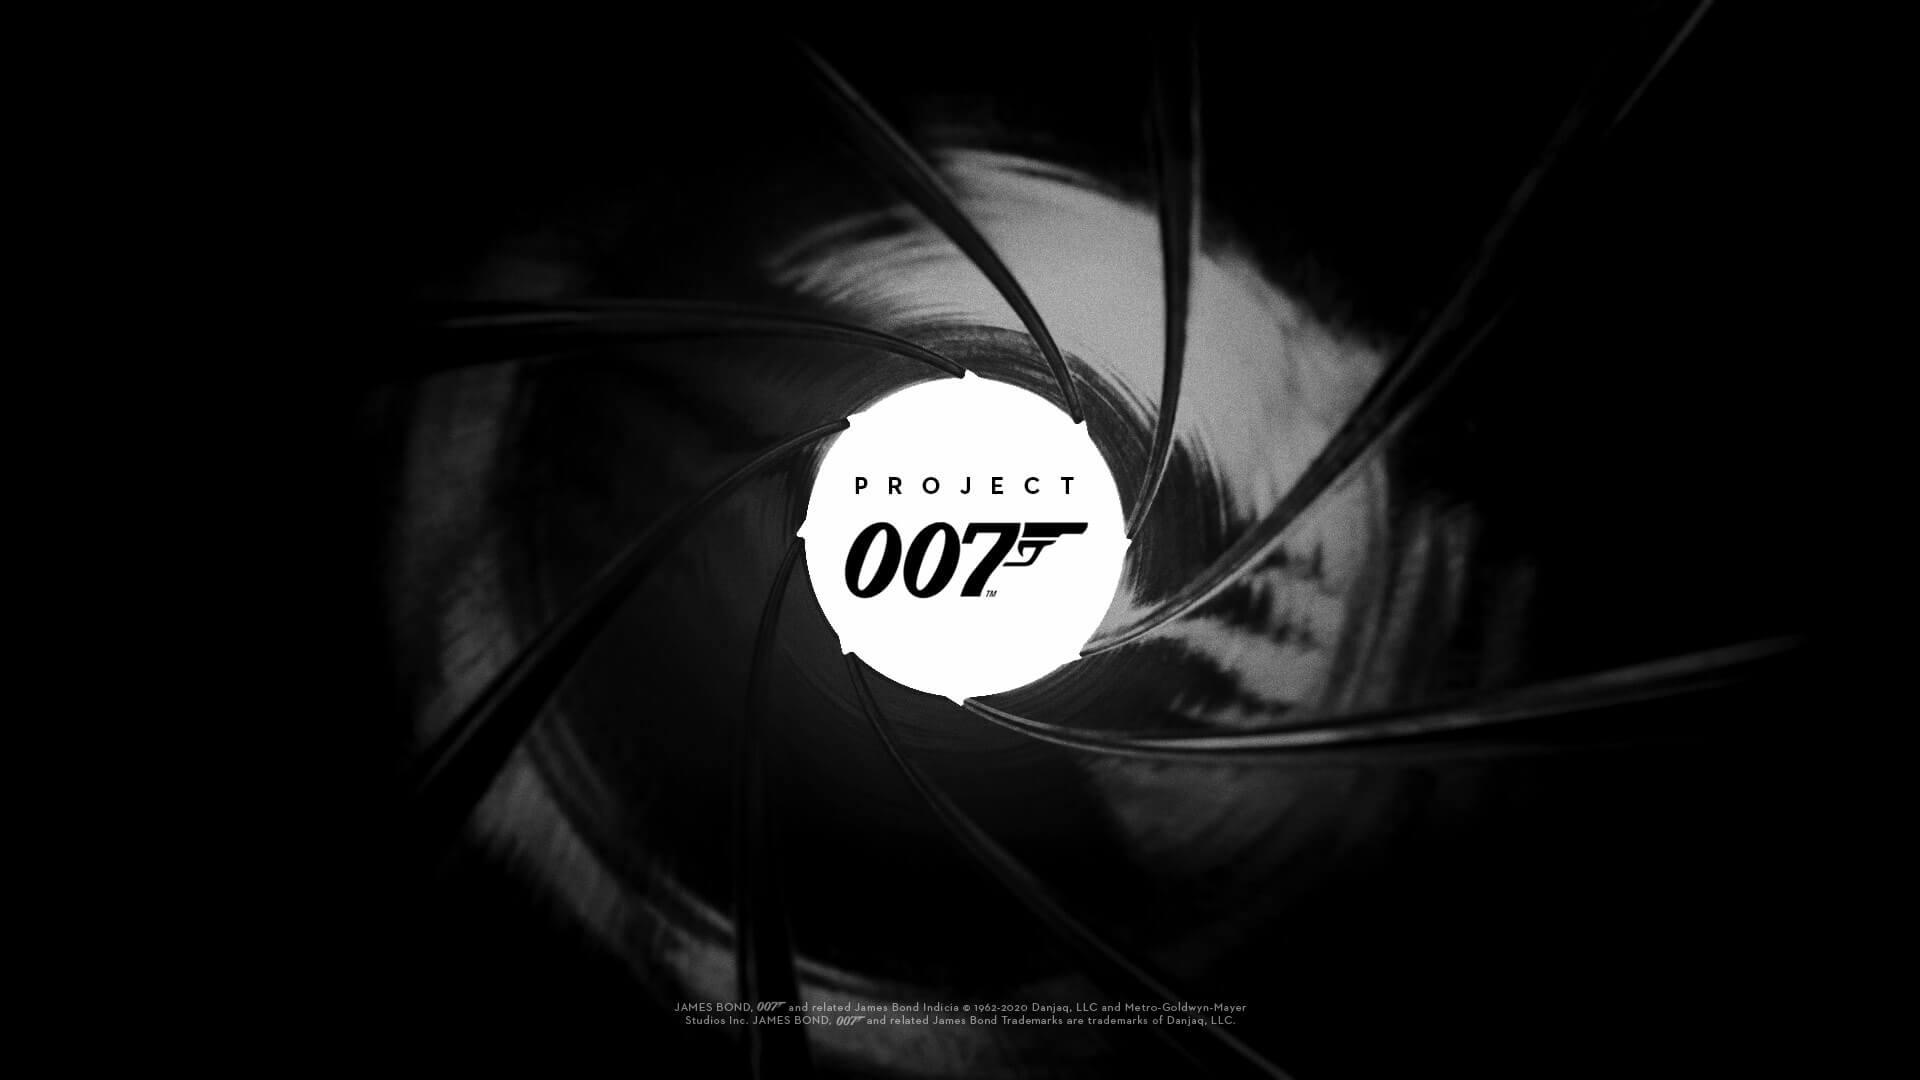 El nuevo juego de James Bond, Project 007, apunta a ser en tercera persona